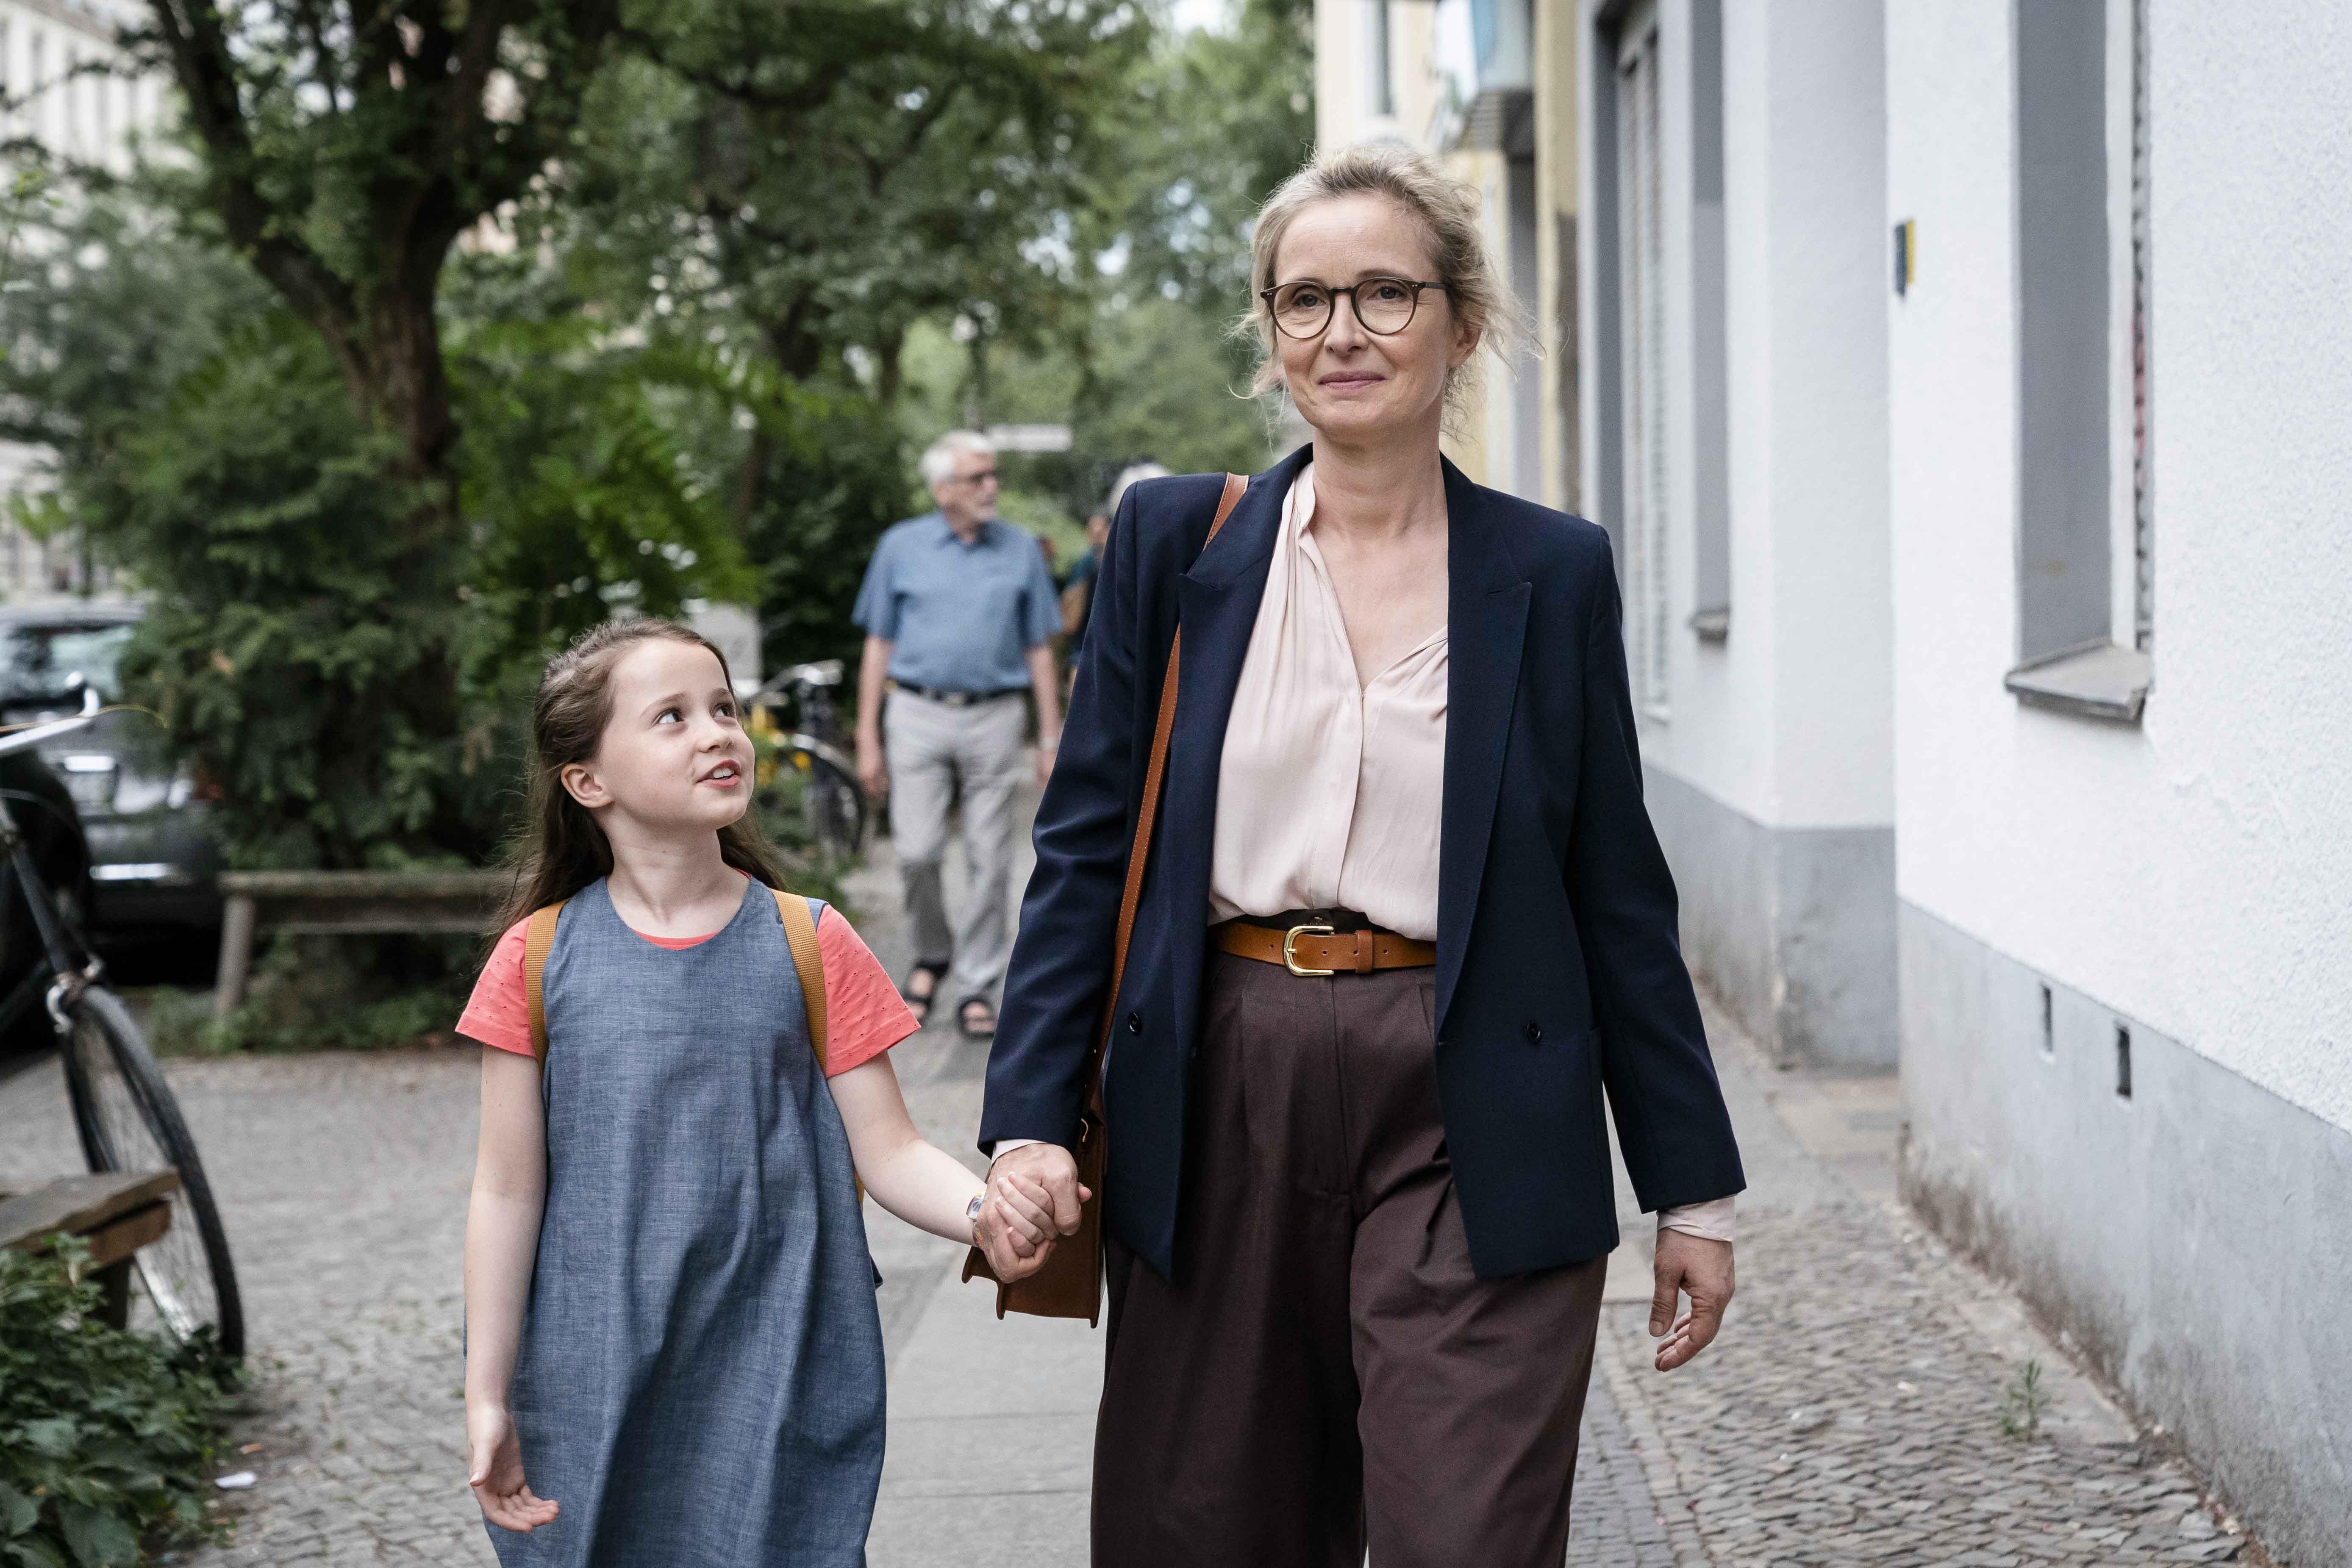 茱莉蝶兒表示,她在二十五年前拍攝《白色情迷》時,曾經和波蘭名導奇士勞斯基就《十誡》第一集的劇本進行討論,啟發了她對這個故事的構想